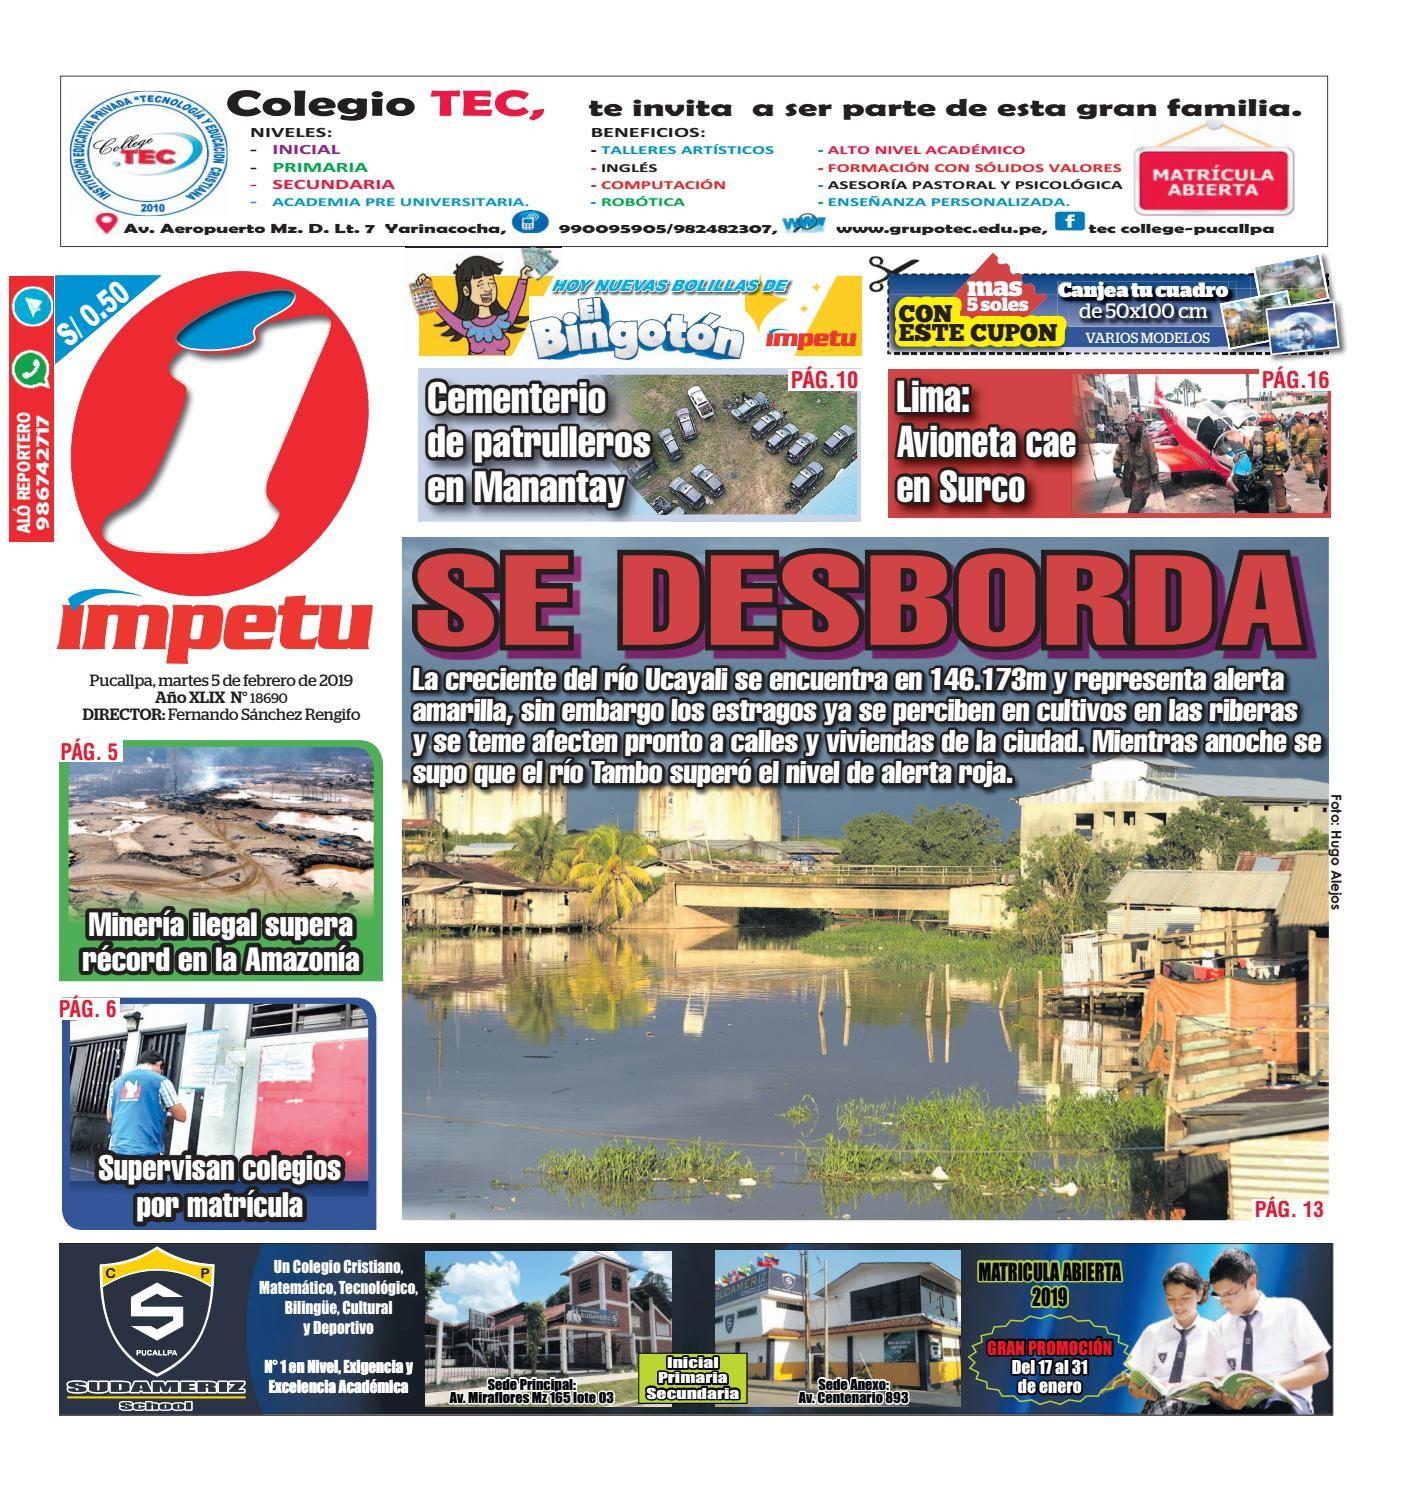 Calendario Mayo 2019 Más Caliente mpetu Pucallpa 5 De Febrero De 2019 by Diario mpetu issuu Of Calendario Mayo 2019 Recientes Galera De Imágenes Aguascalientes En México 2019 – Diablos